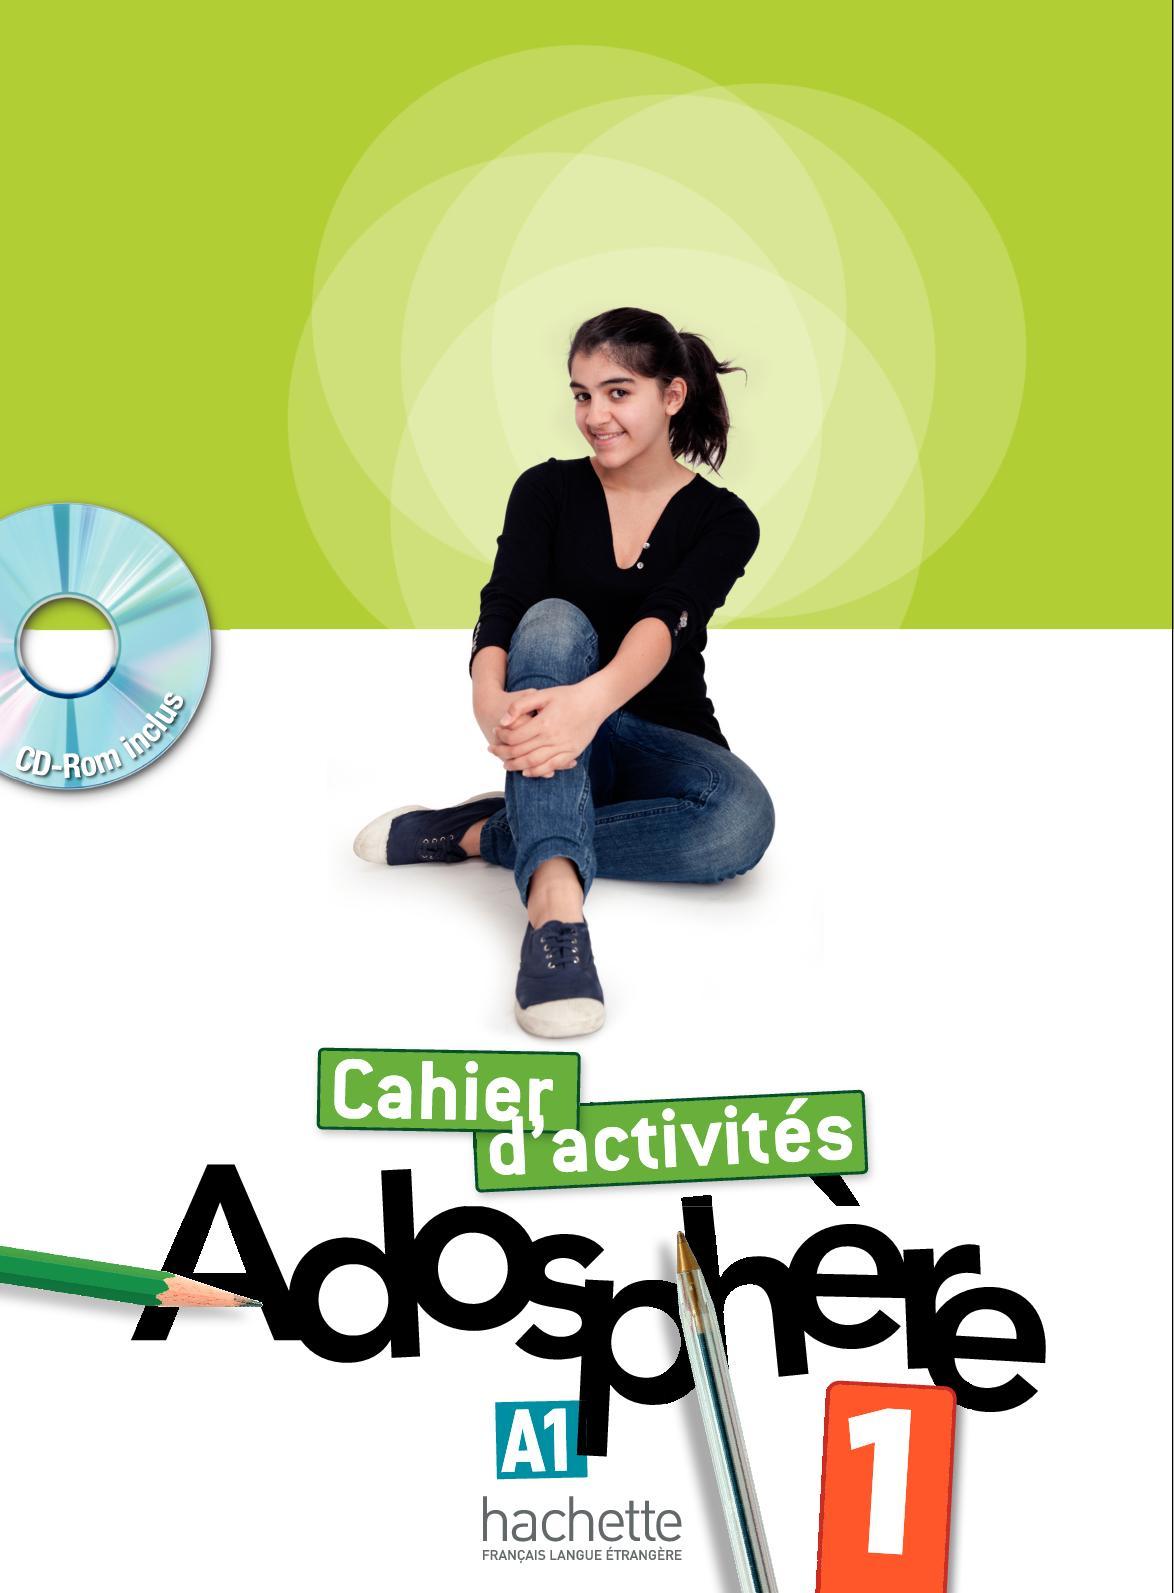 Extrait cahier d'activités Adosphère 1